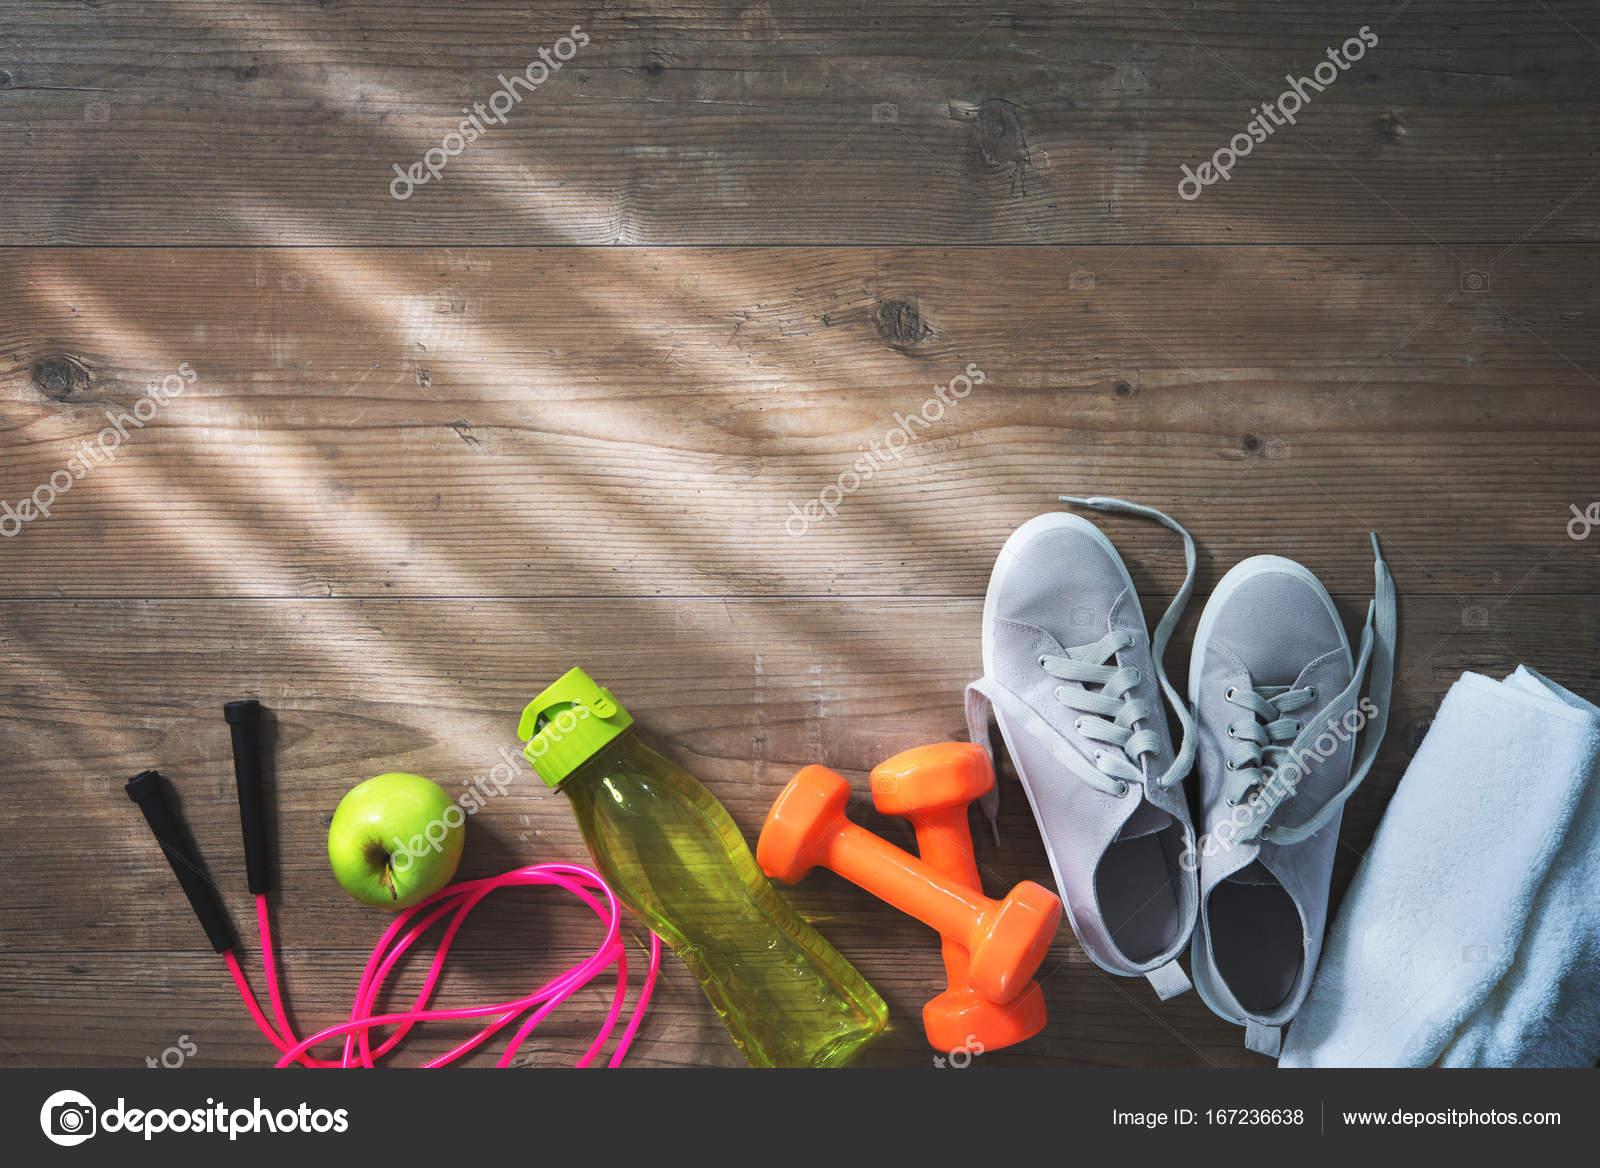 3359ae0745a Όργανα γυμναστικής, υγιεινή διατροφή, αθλητικά παπούτσια, μπουκάλι νερό και  Άμυ — Φωτογραφία Αρχείου